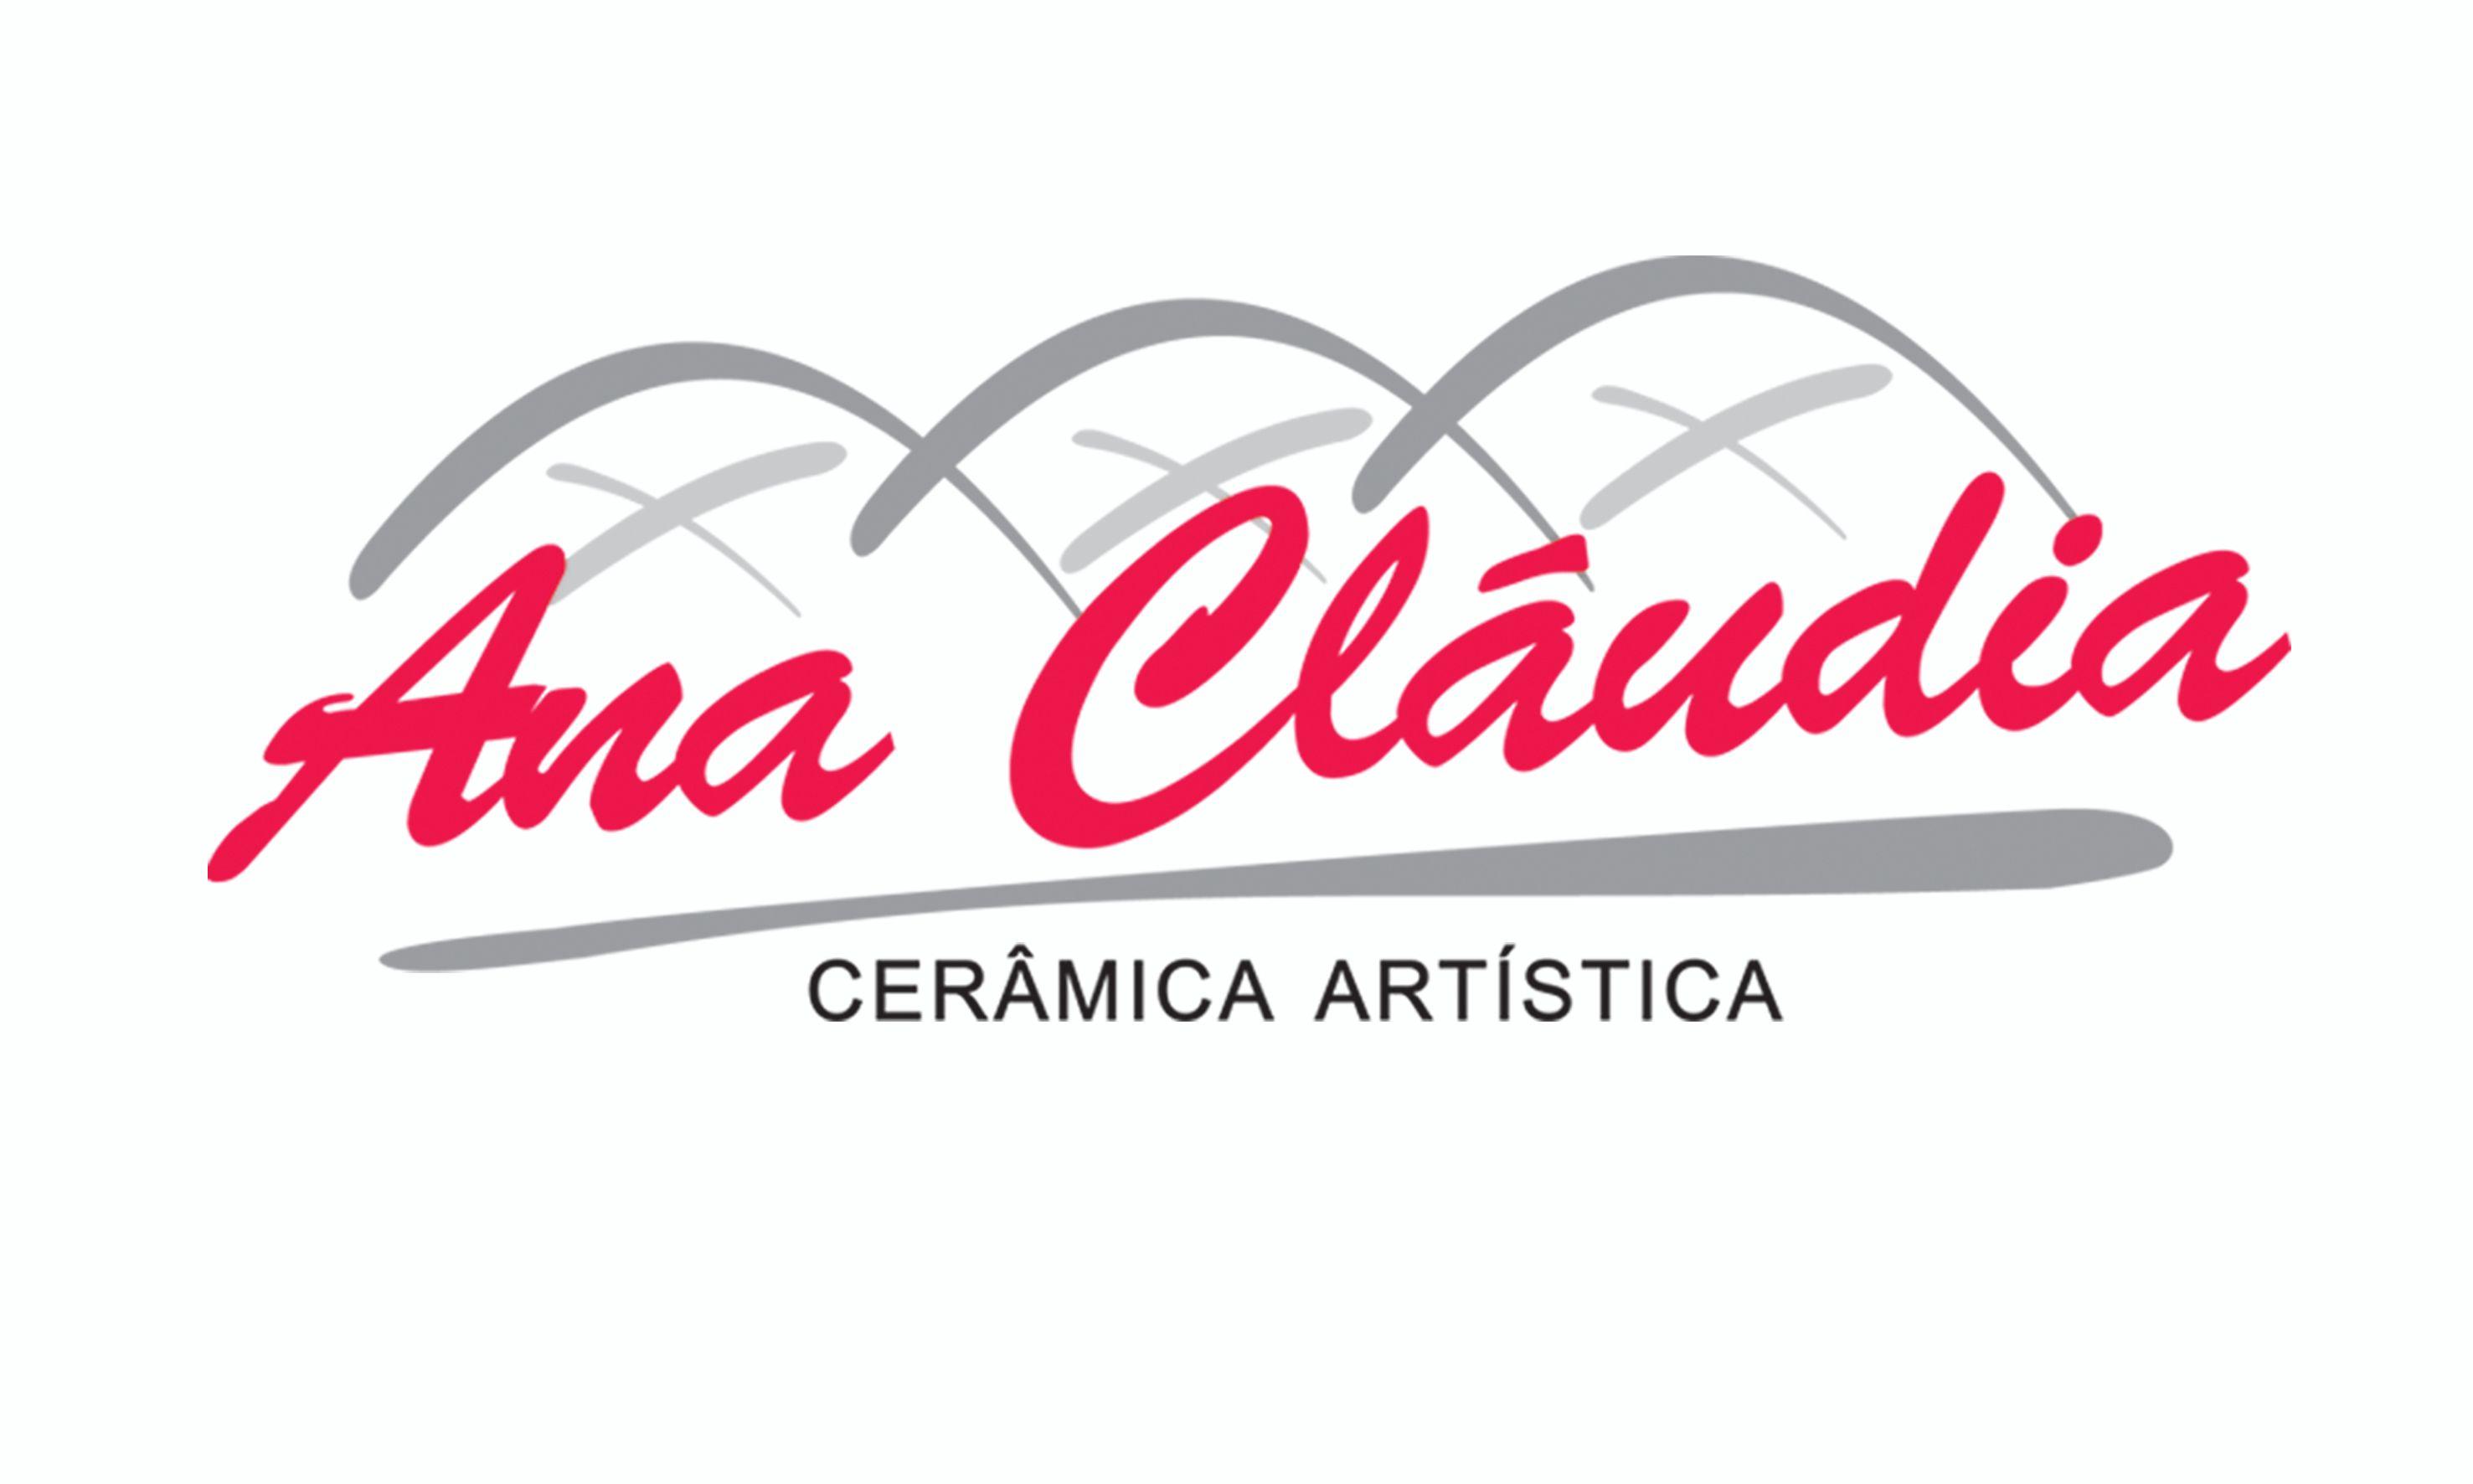 Cerâmica Ana Claudia